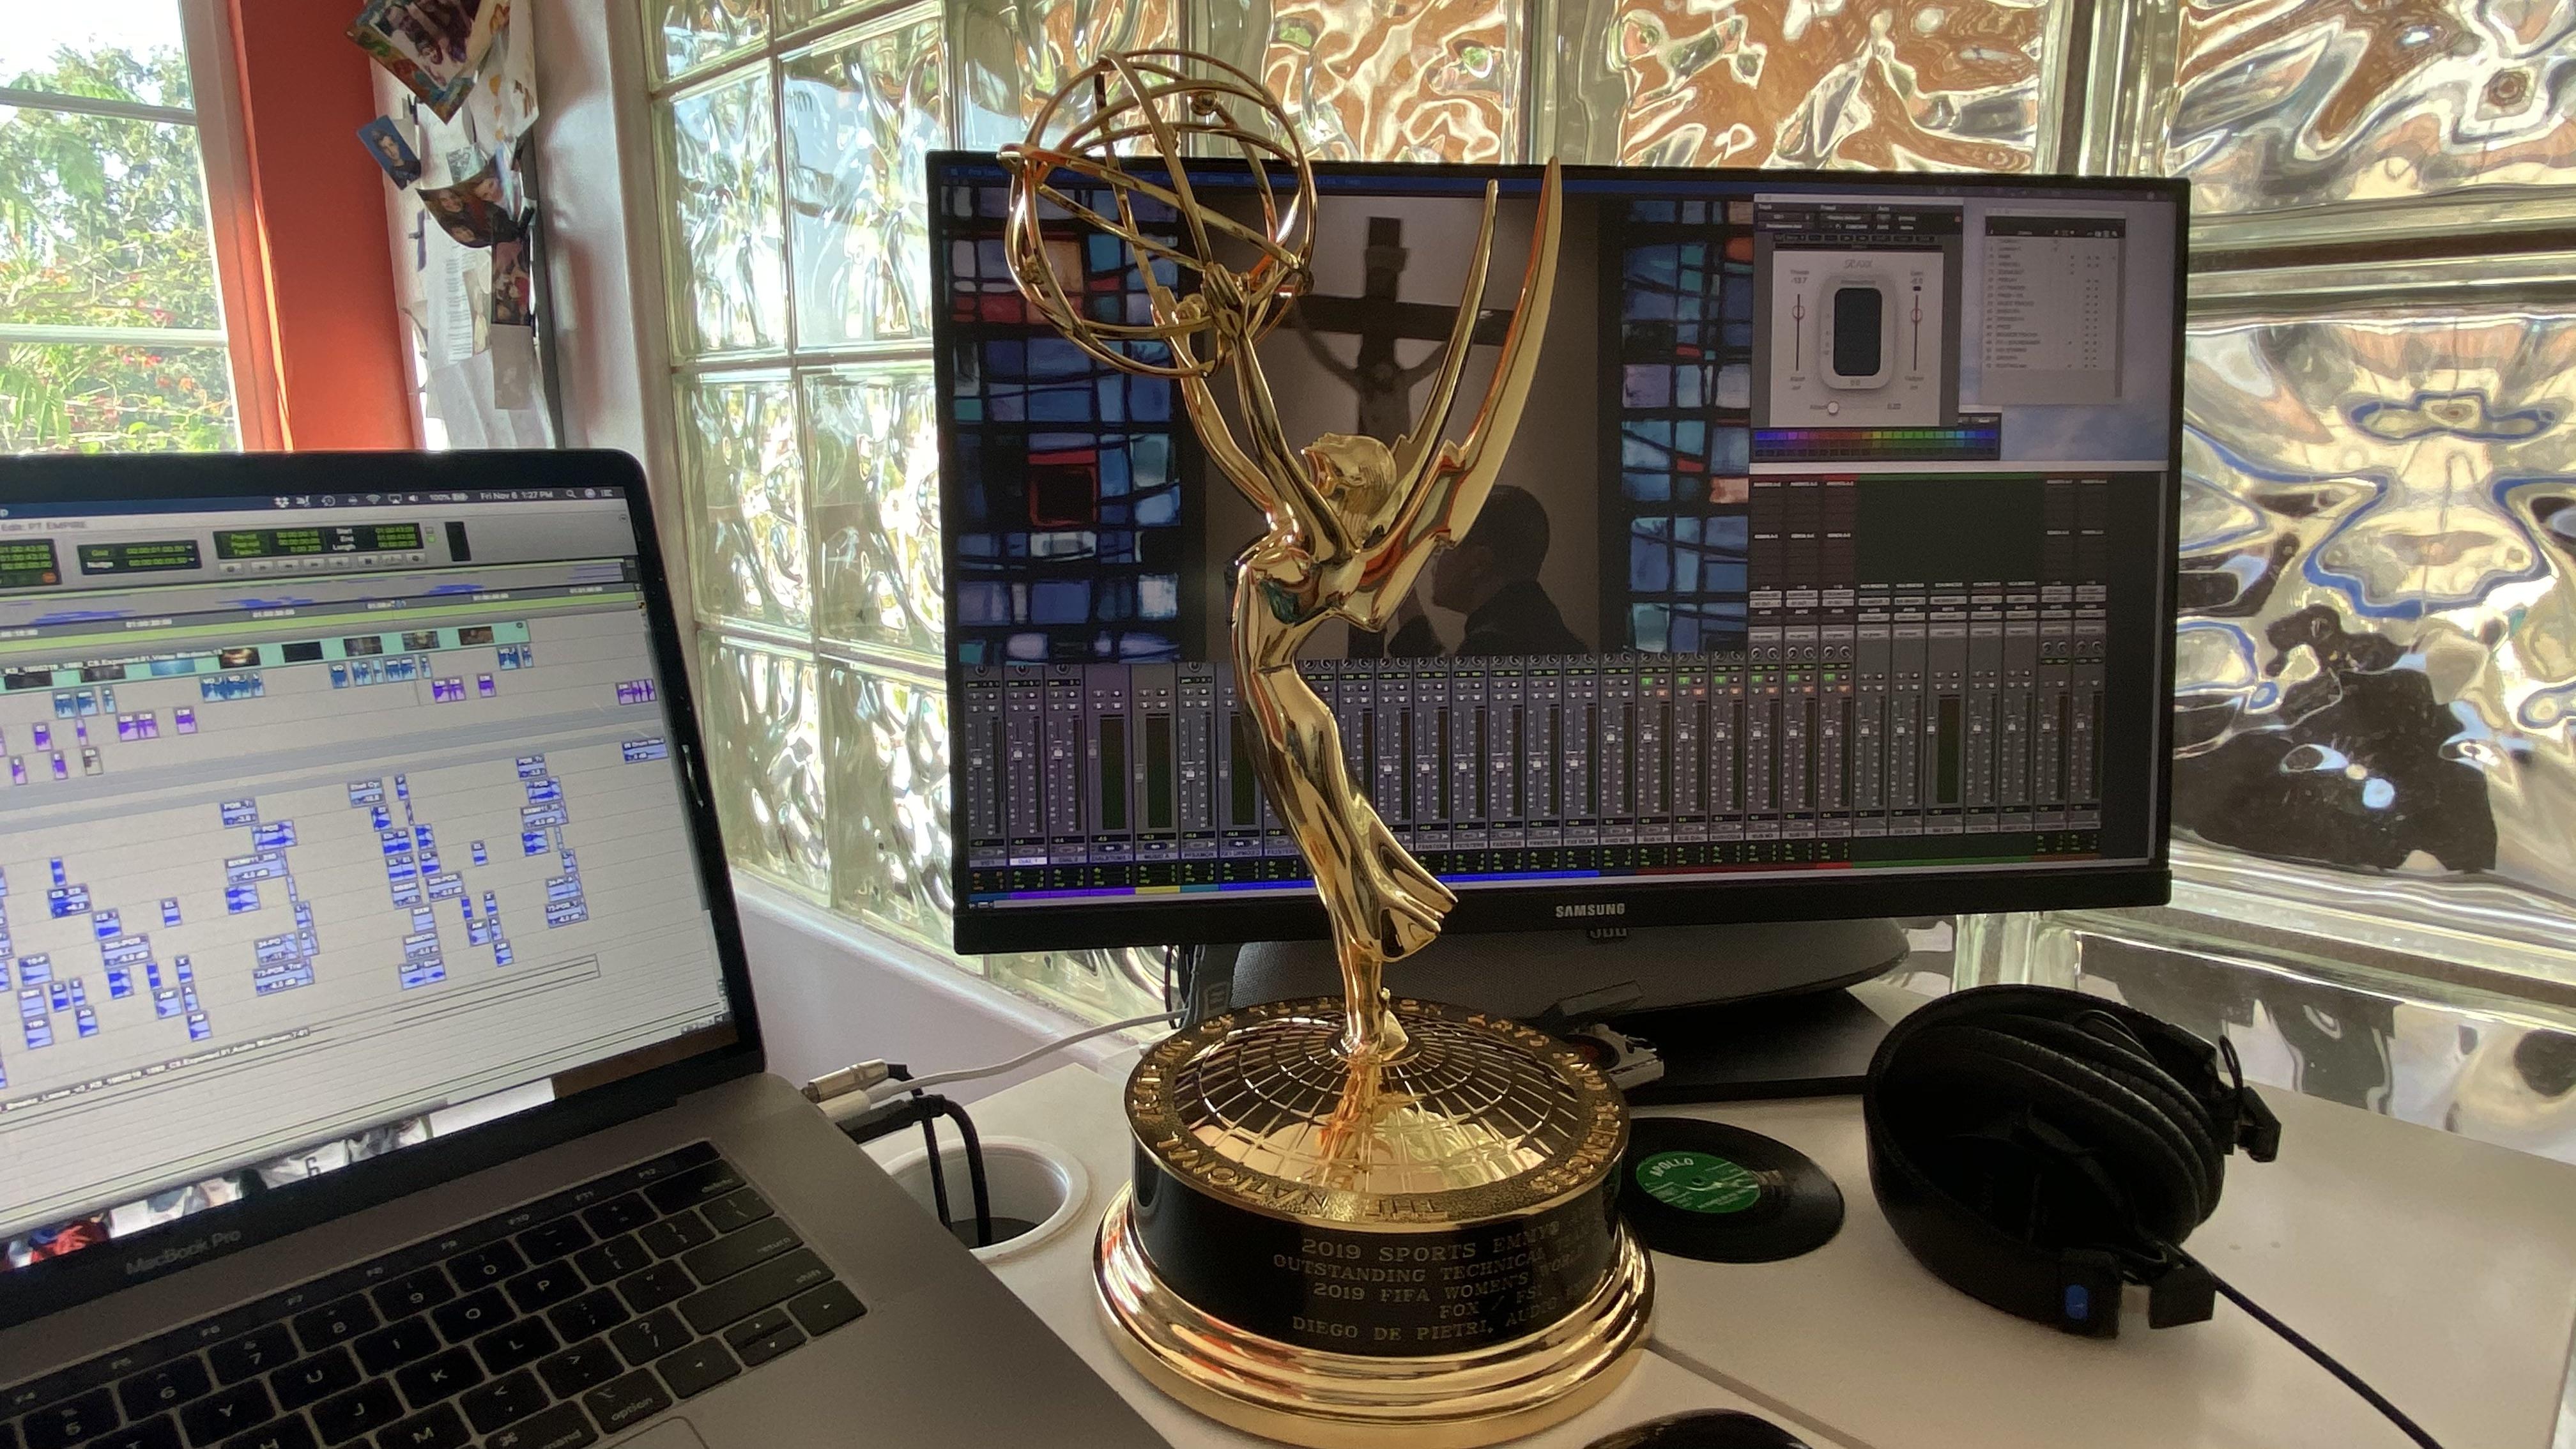 2019 EMMY Award